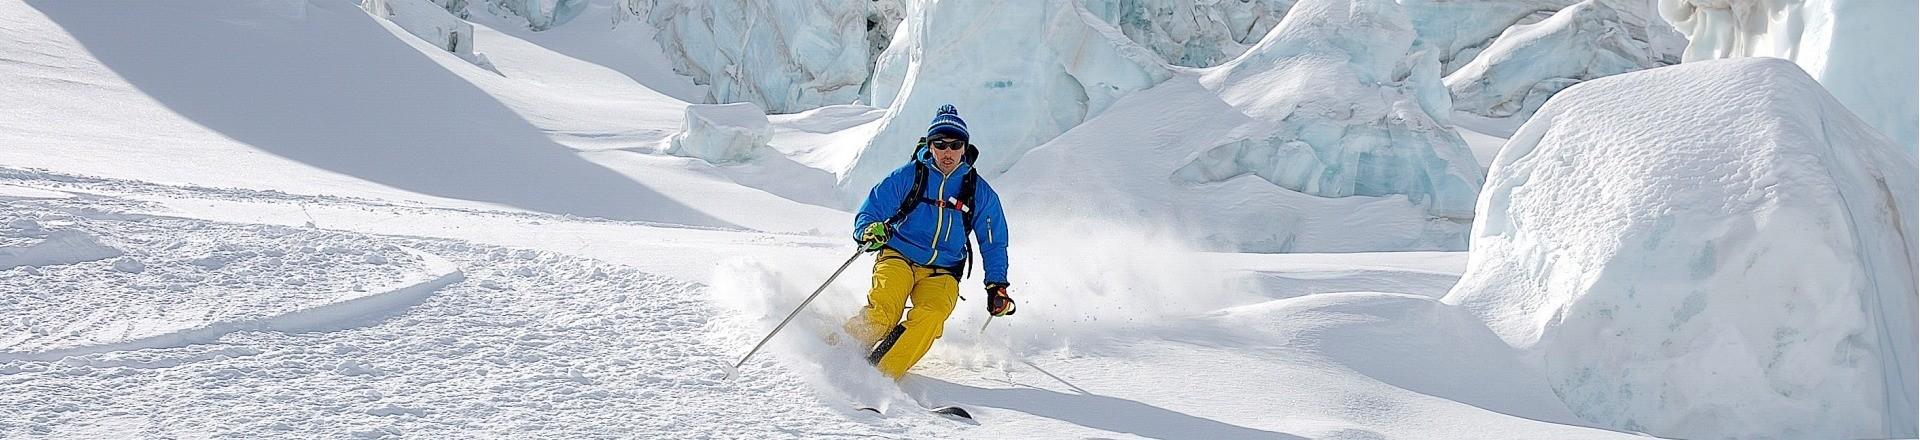 Special Siegi Tours Ski Holidays Offer